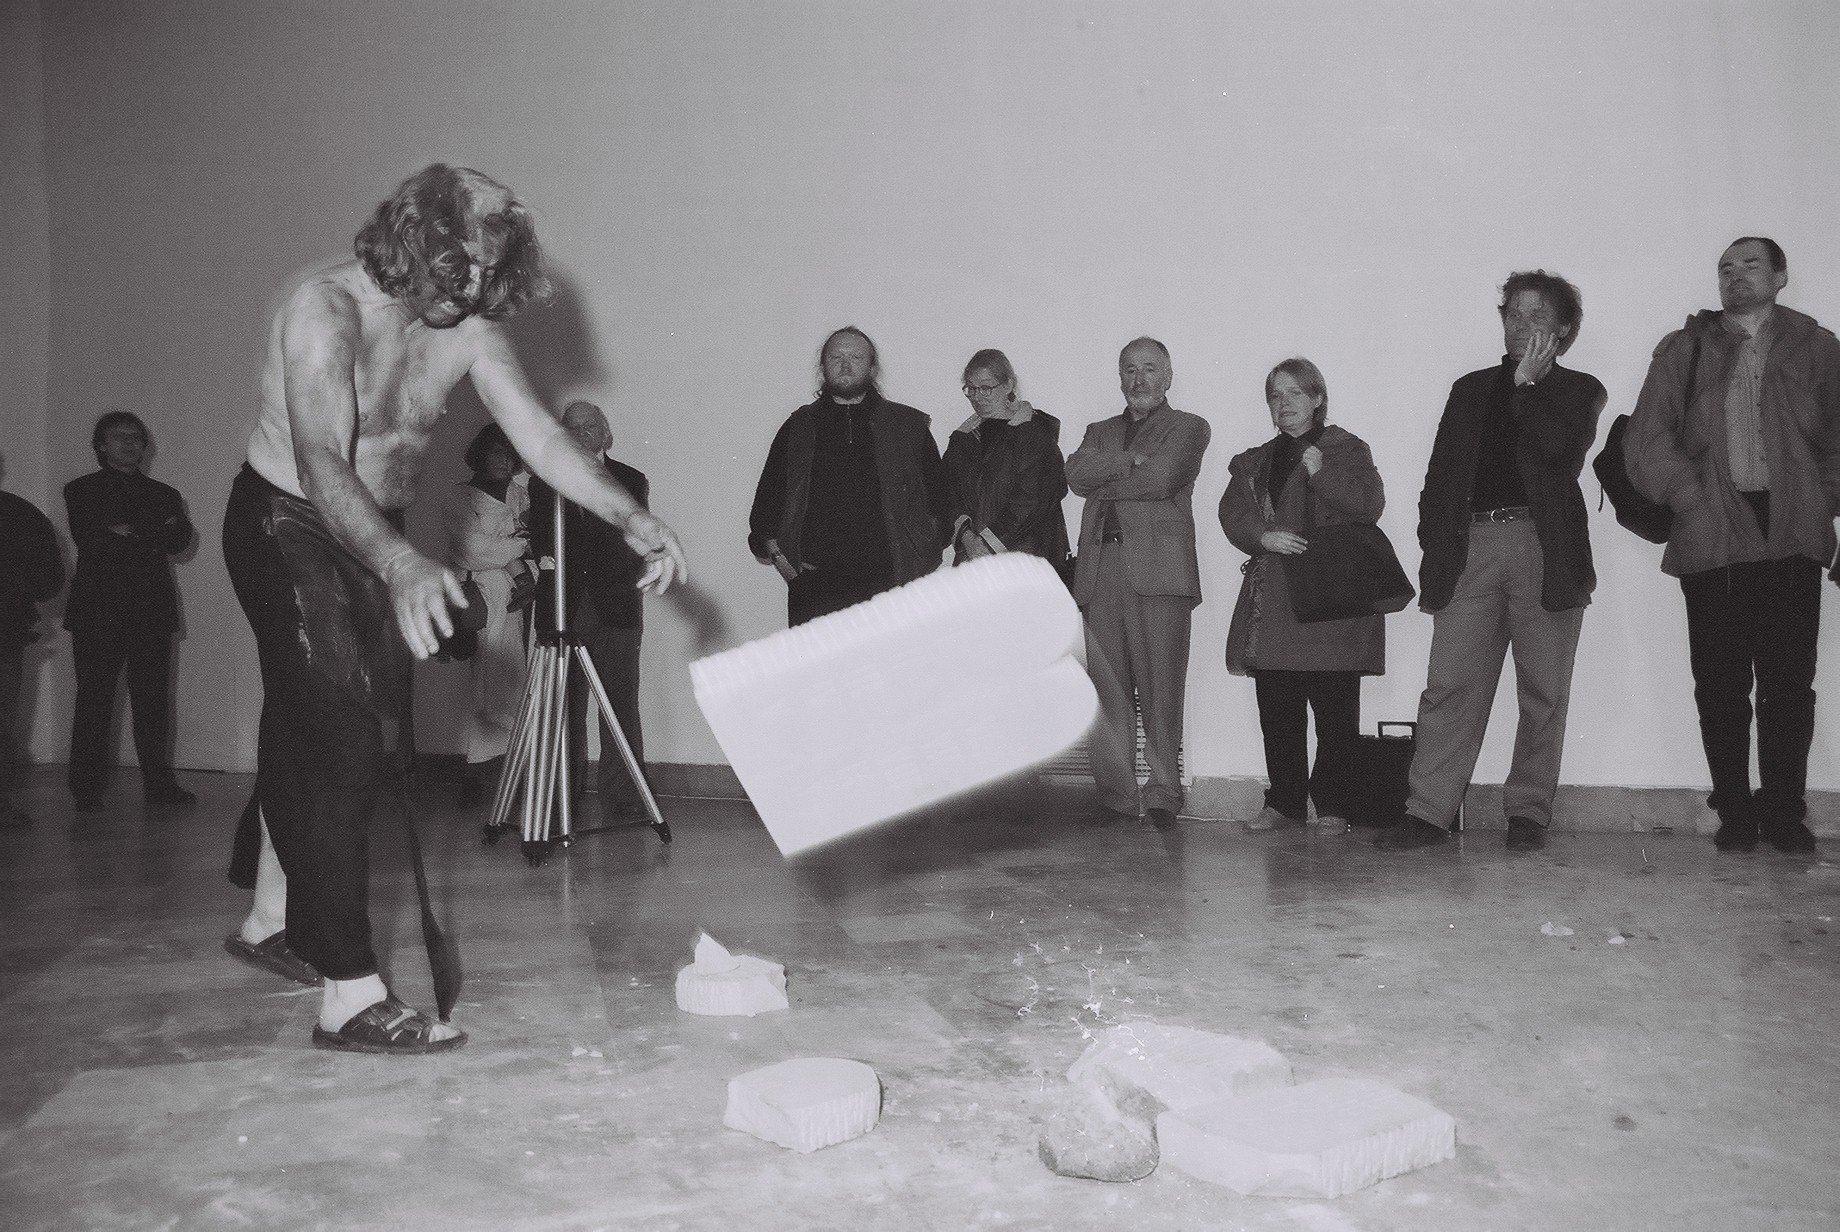 Performance Zbigniewa Warpechowskiego, CSW Zamek Ujazdowski